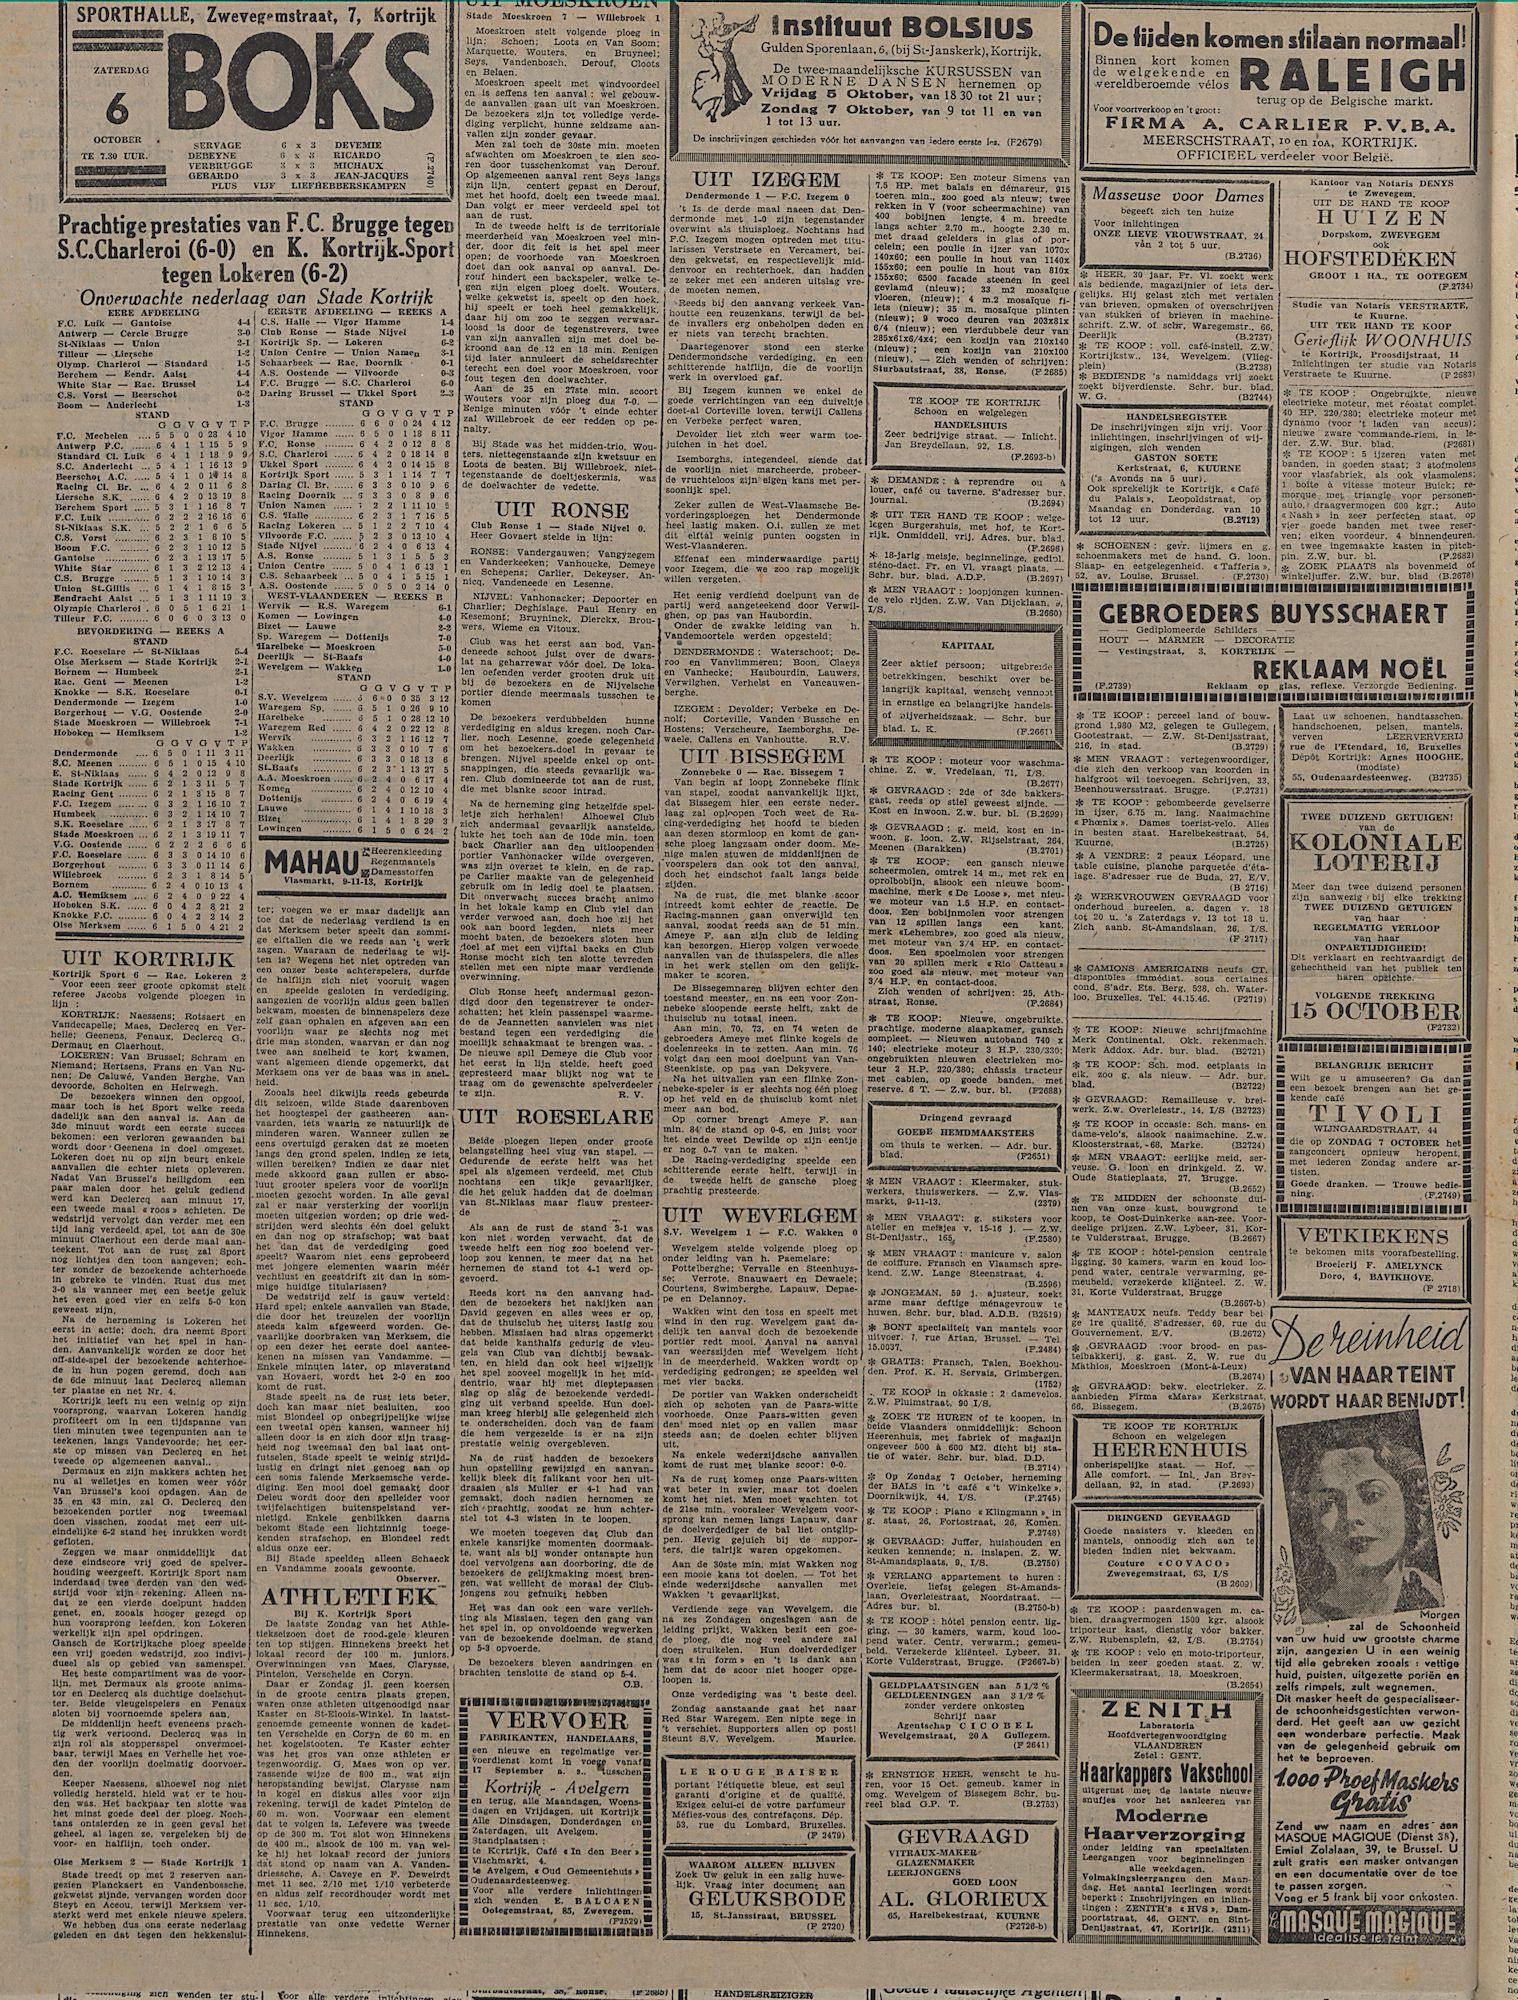 Kortrijksch Handelsblad 3 october 1945 Nr79 p2